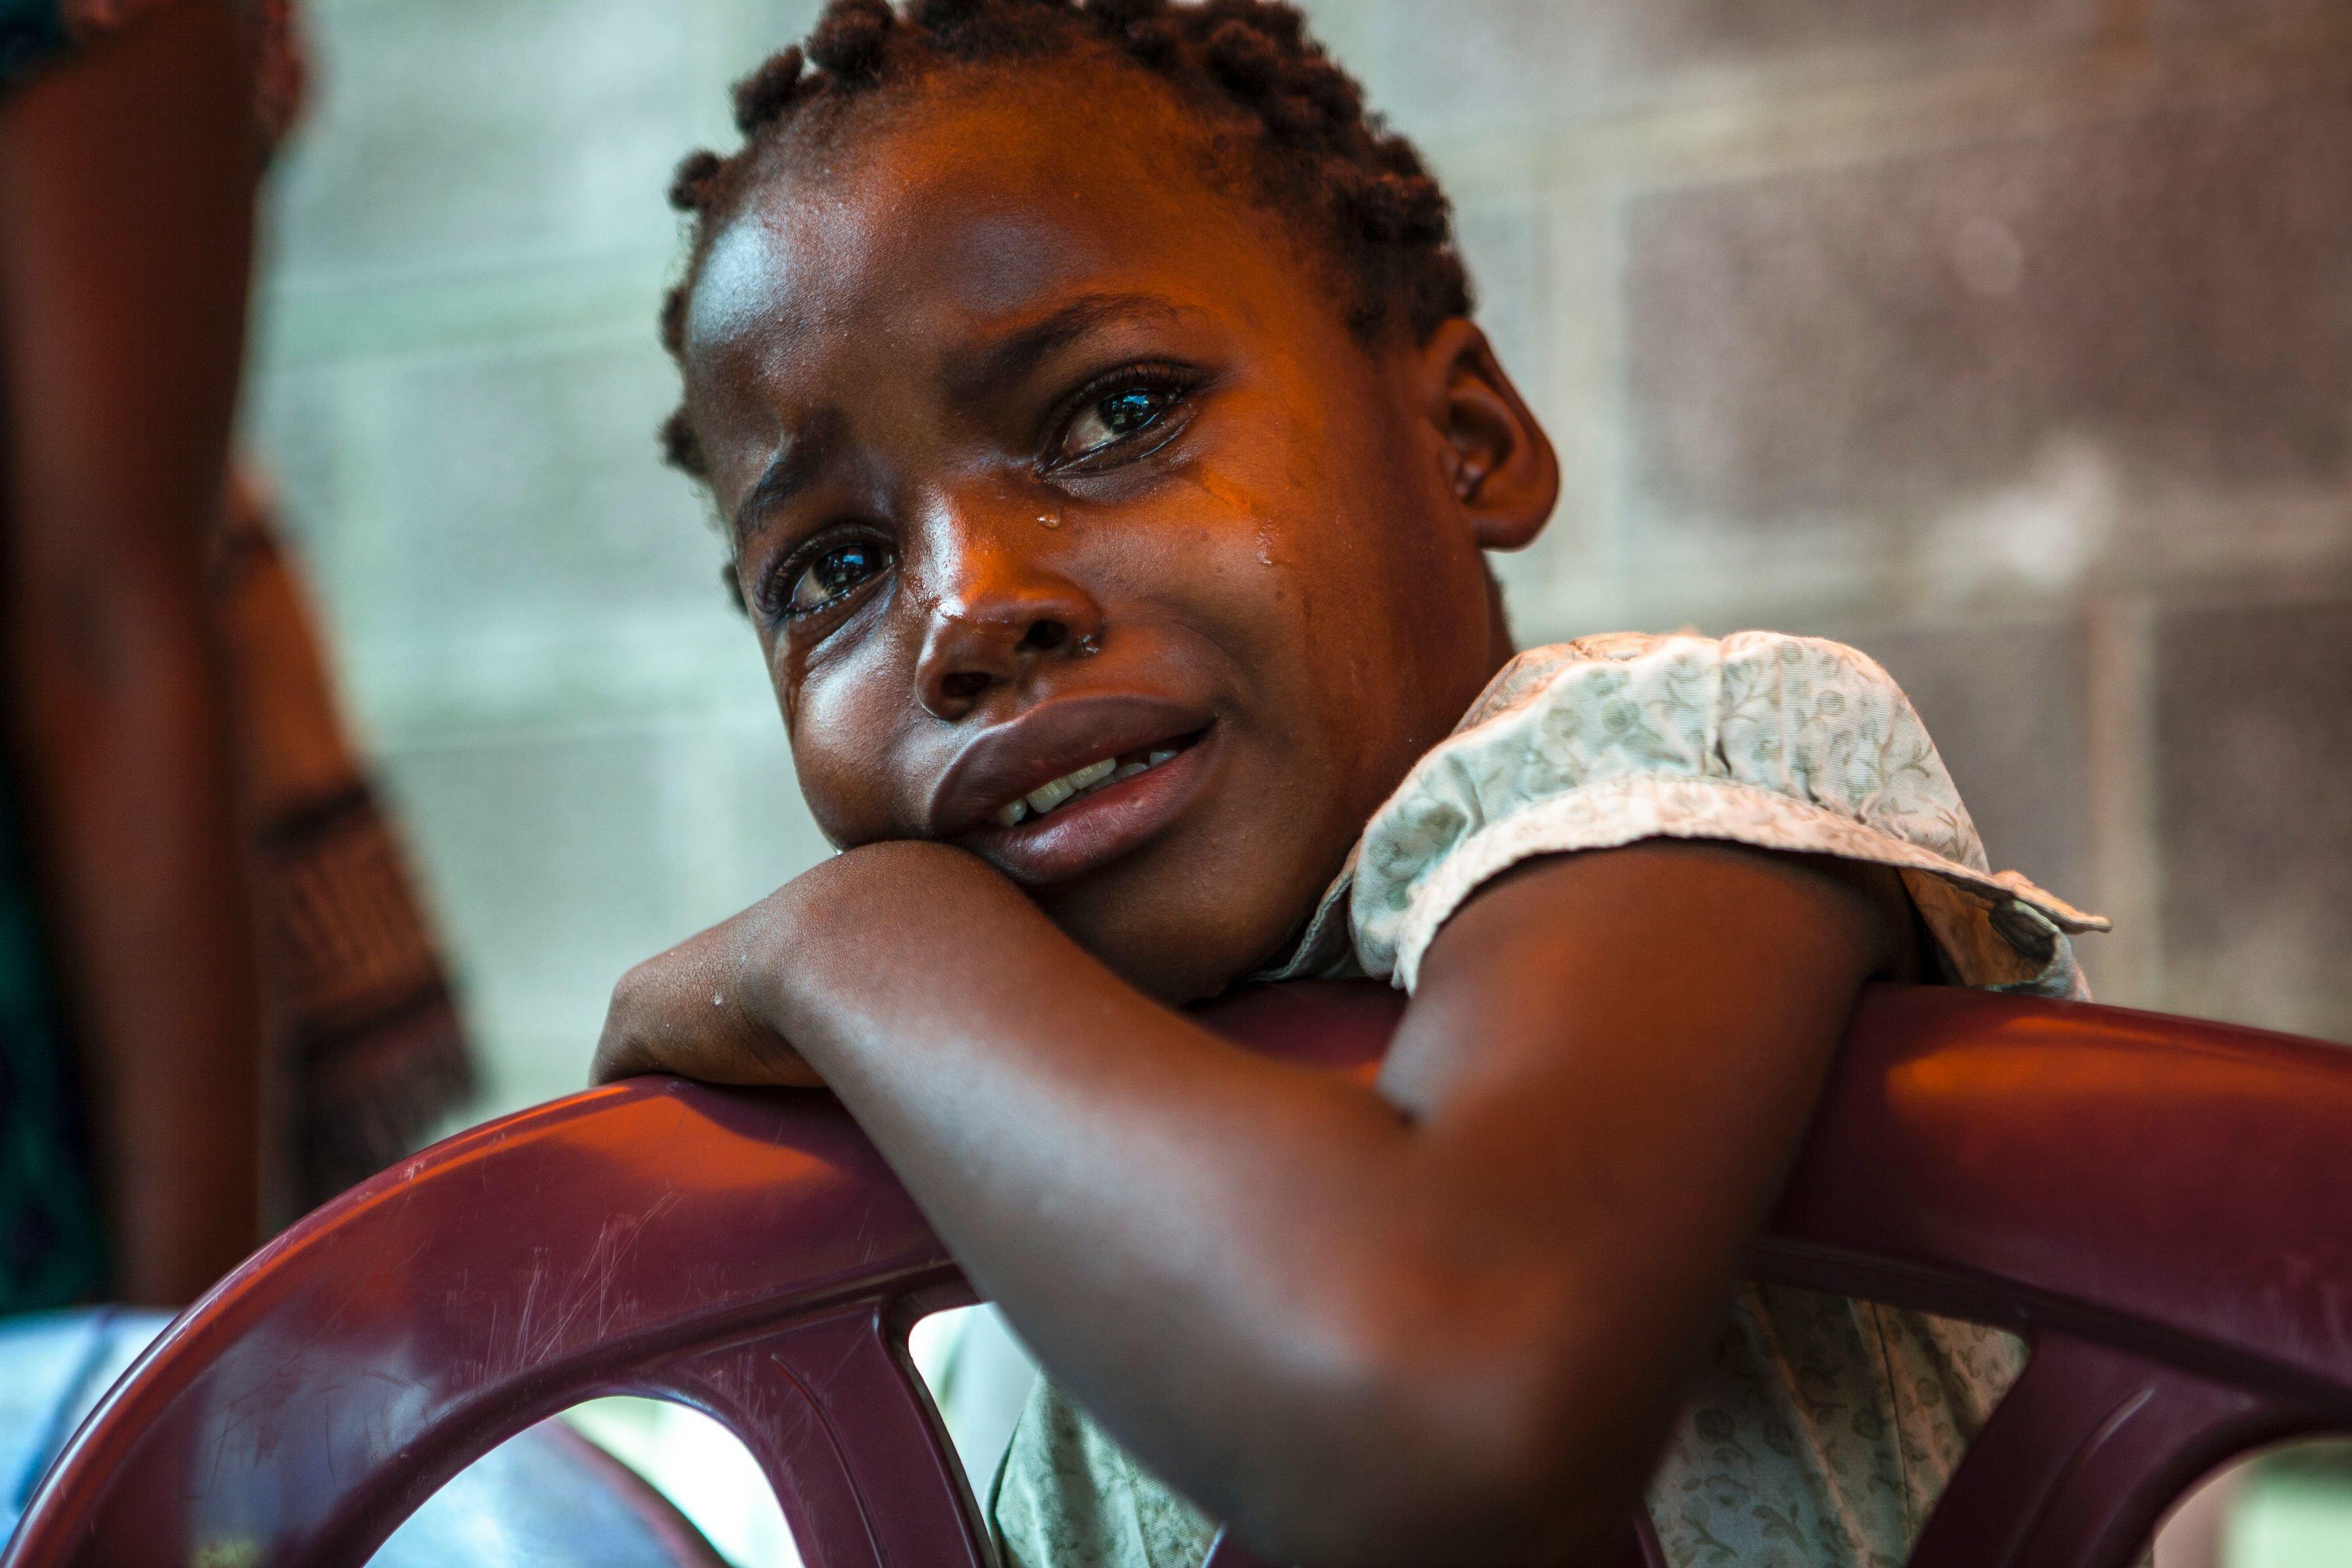 A girl cries outside the Bondeko morgue in Kinshasa, Congo, on Oct. 31,